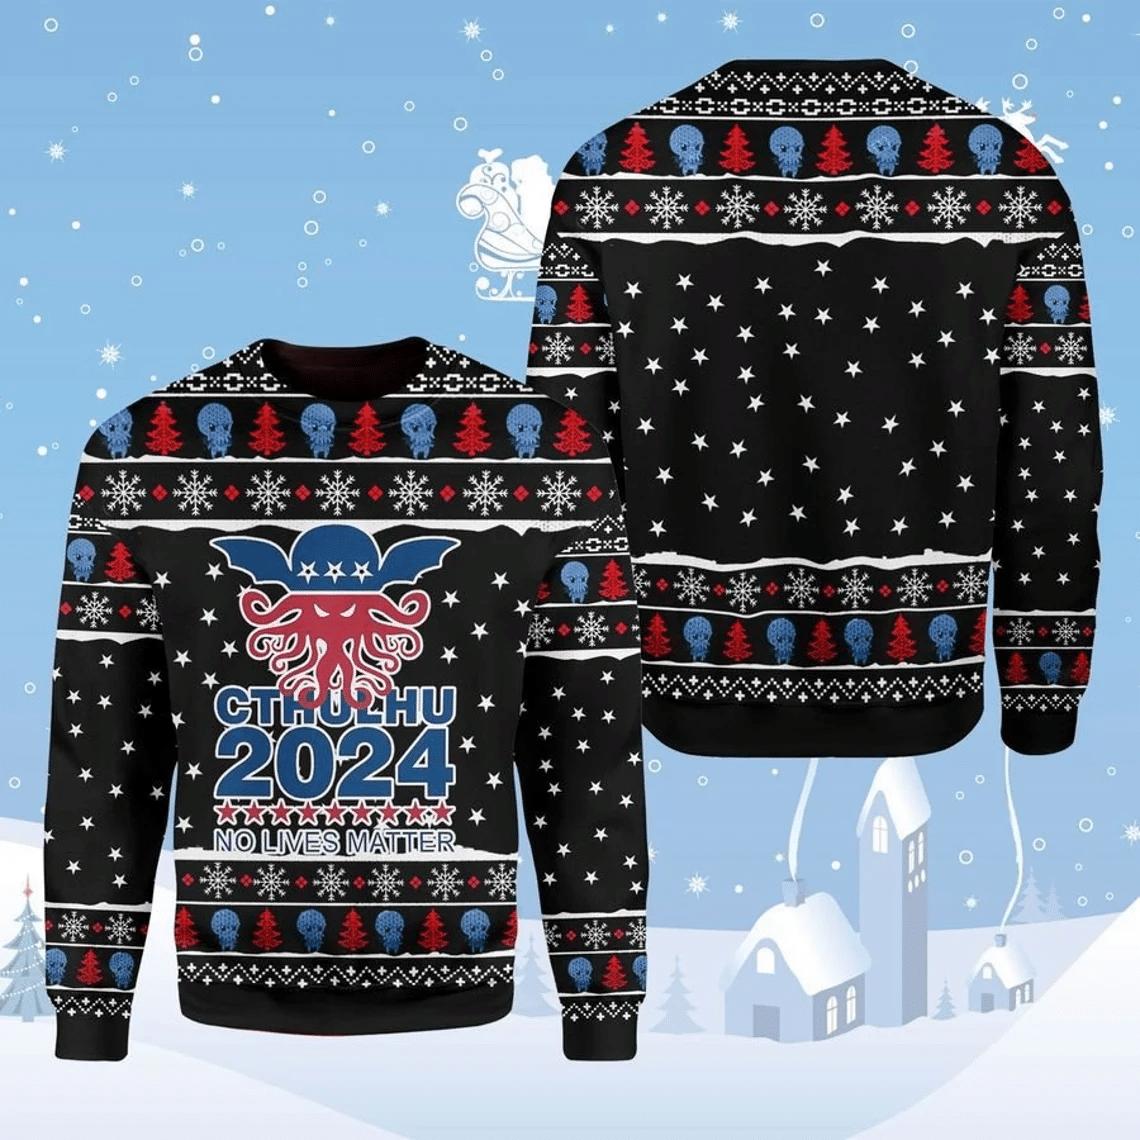 Cthulhu No Lives Matter 3D Christmas Sweater